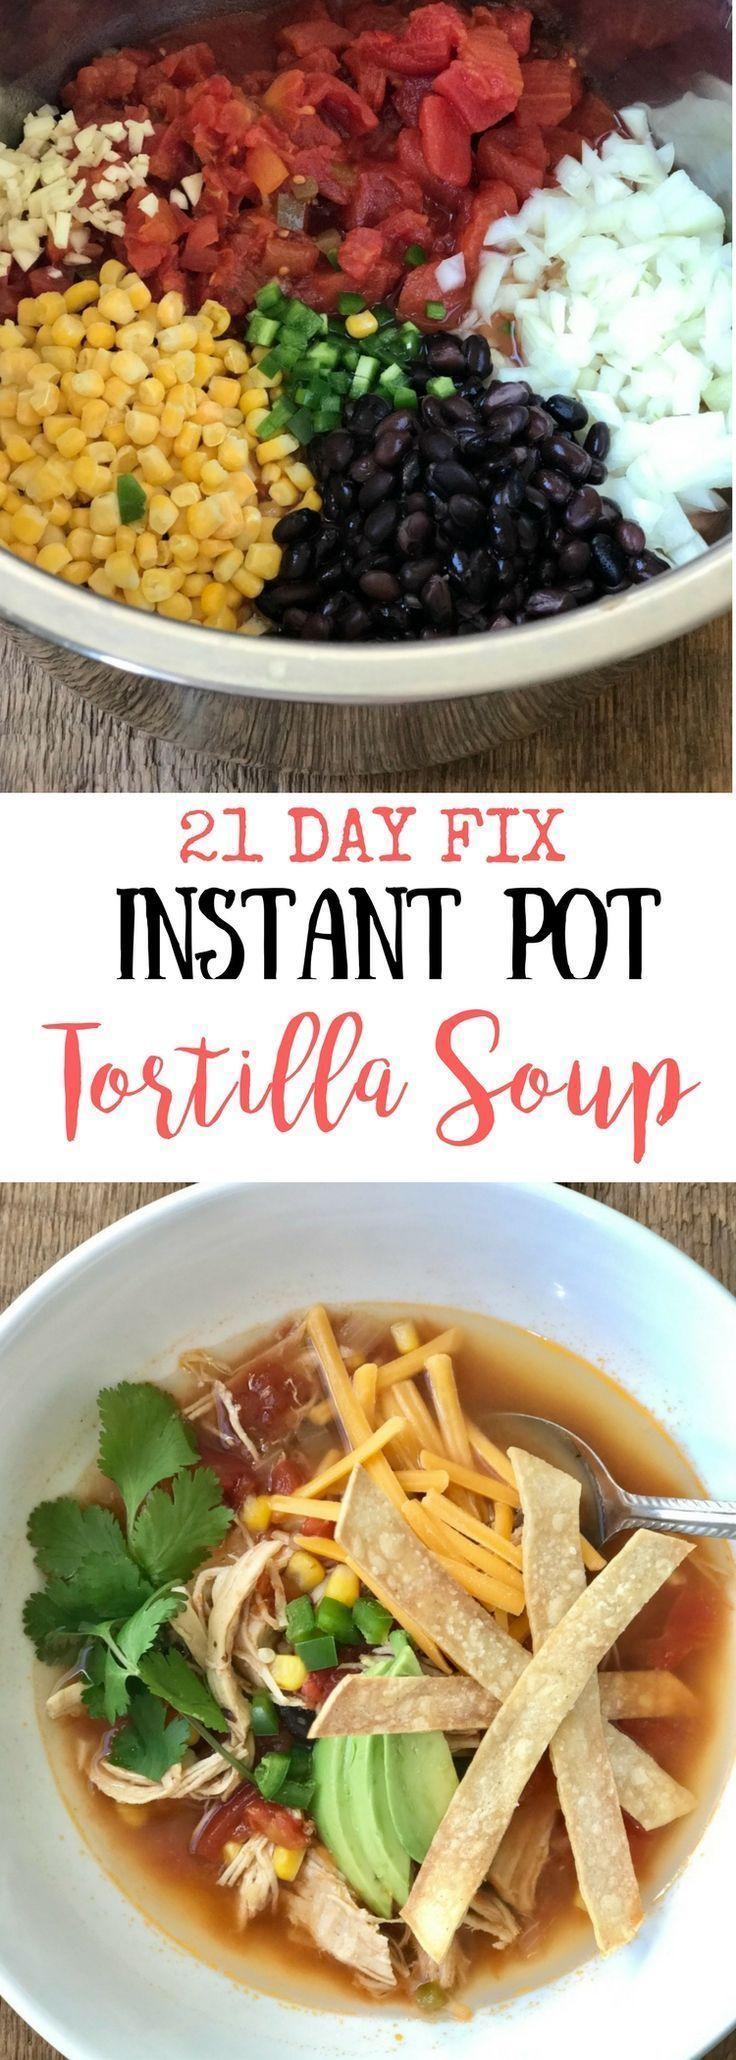 Instant Pot Chicken Tortilla Soup (21 Day Fix)